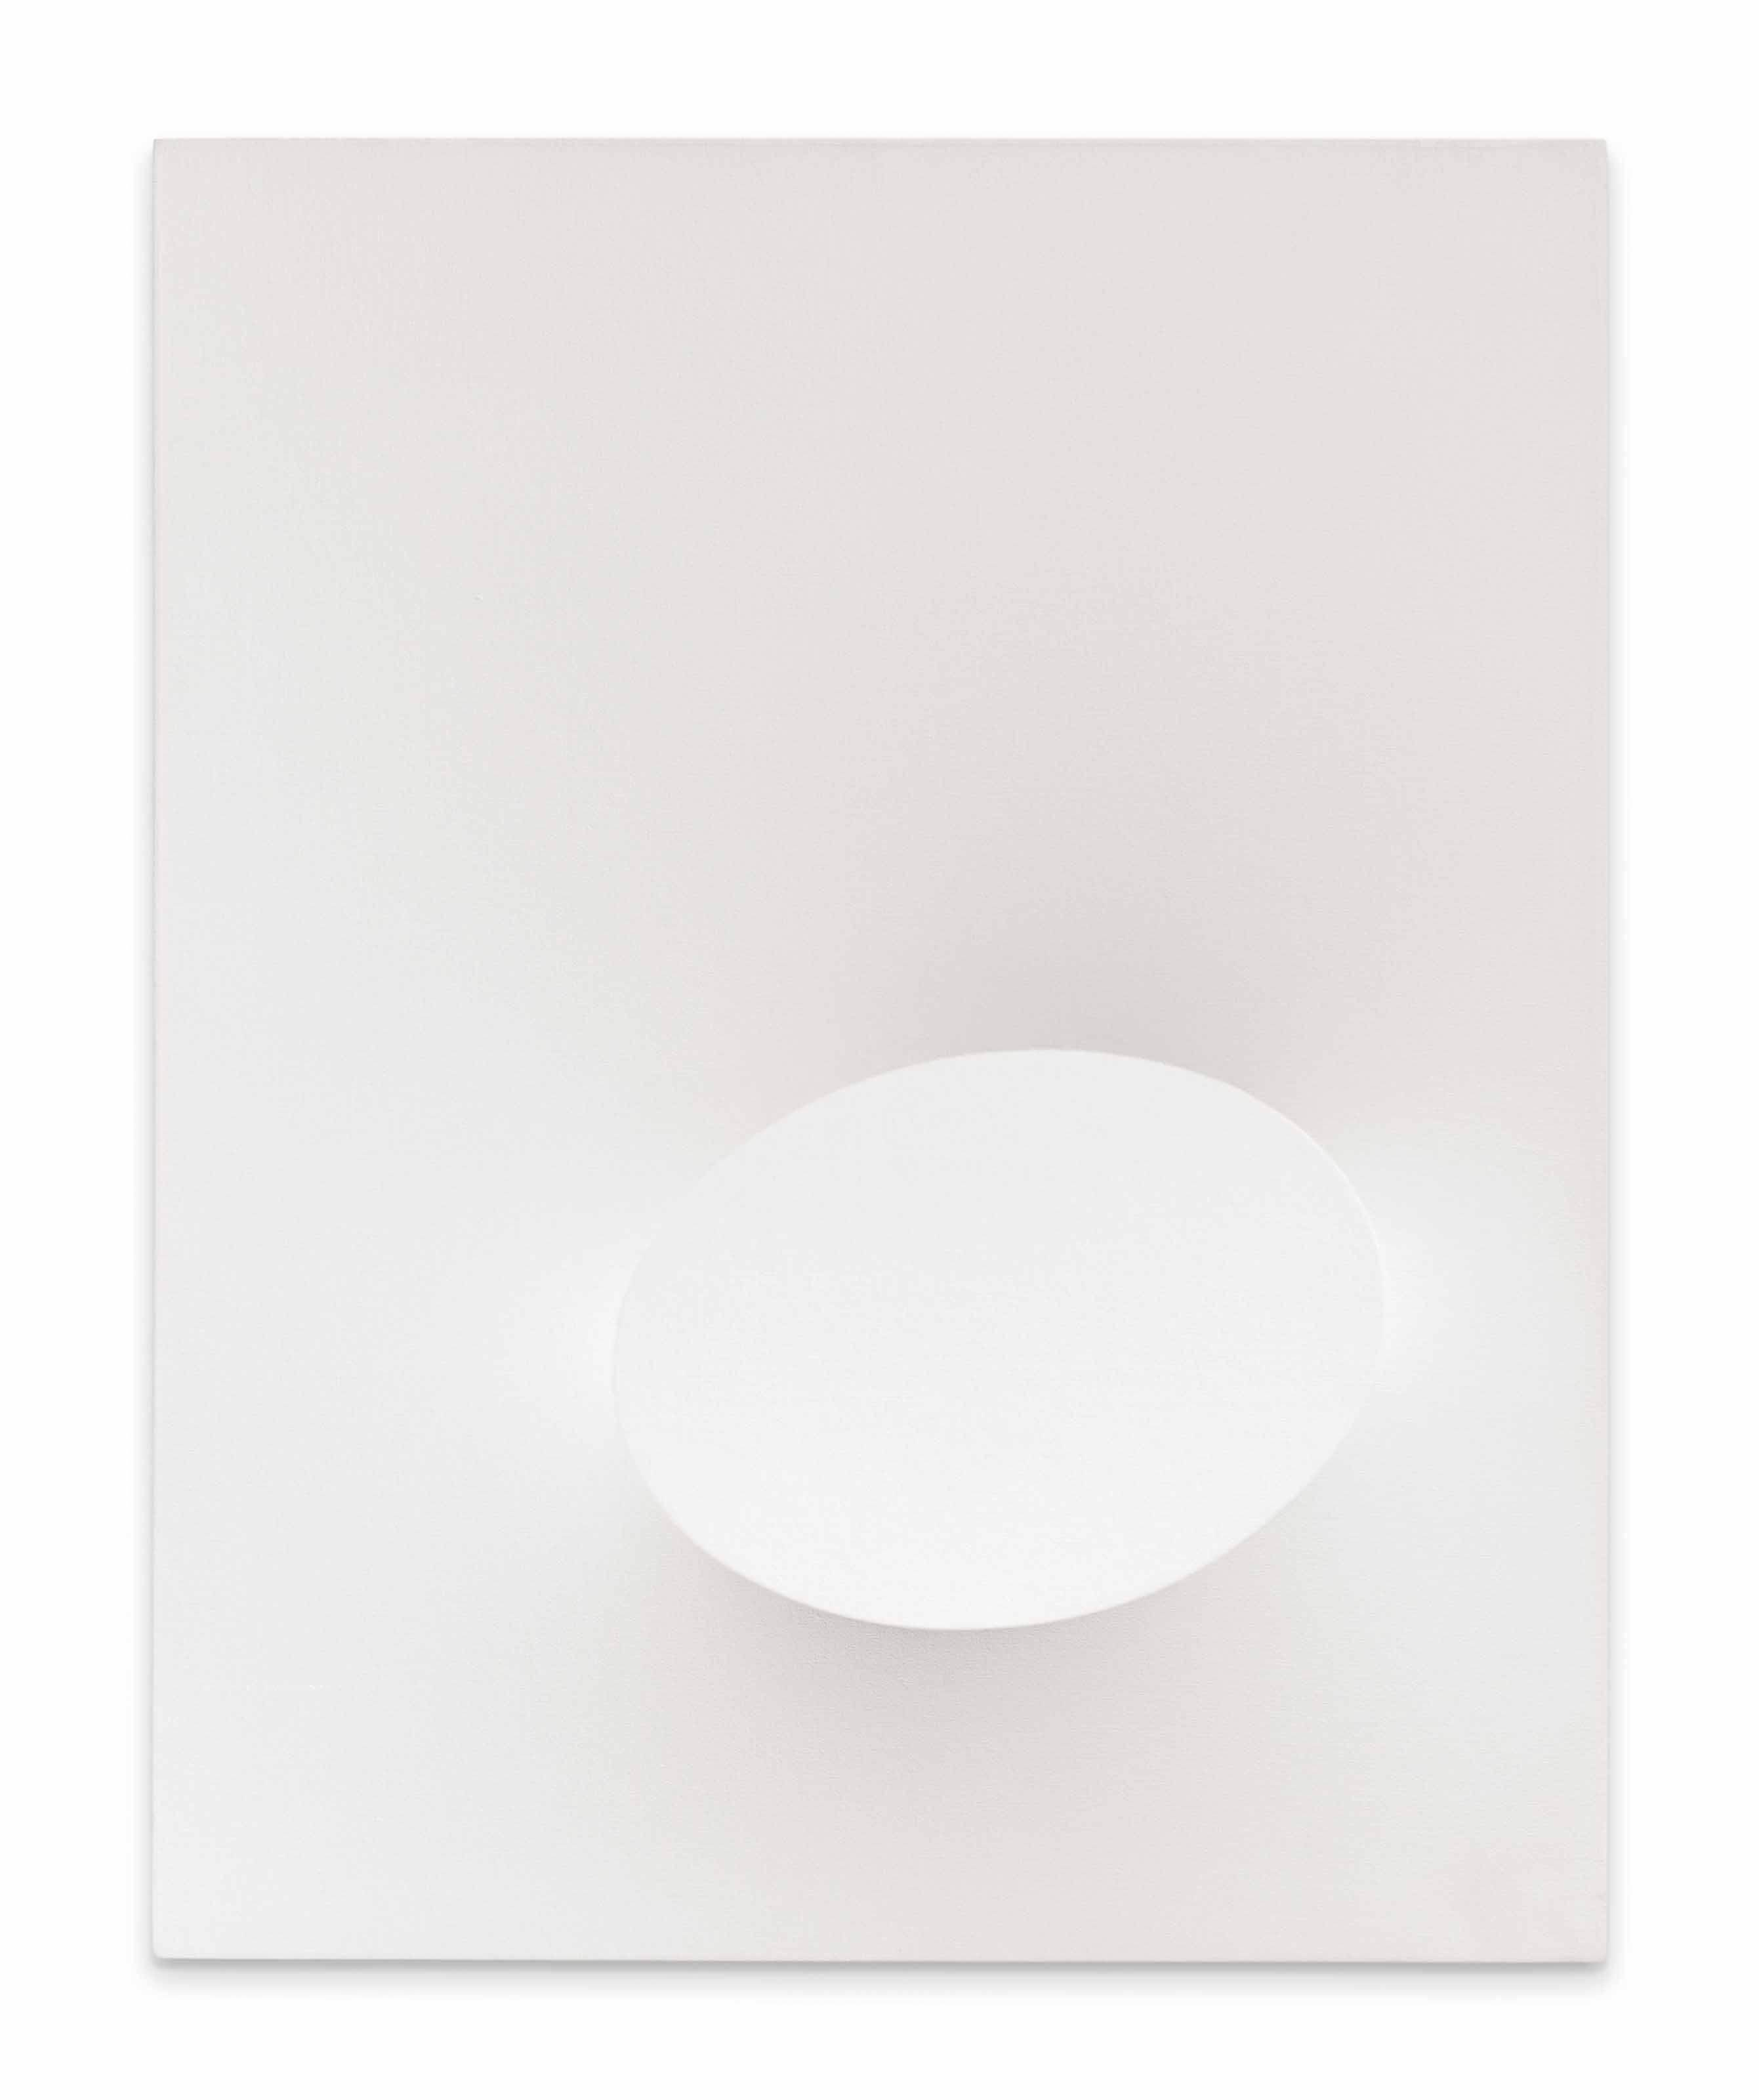 Ovale Bianco (White Oval)